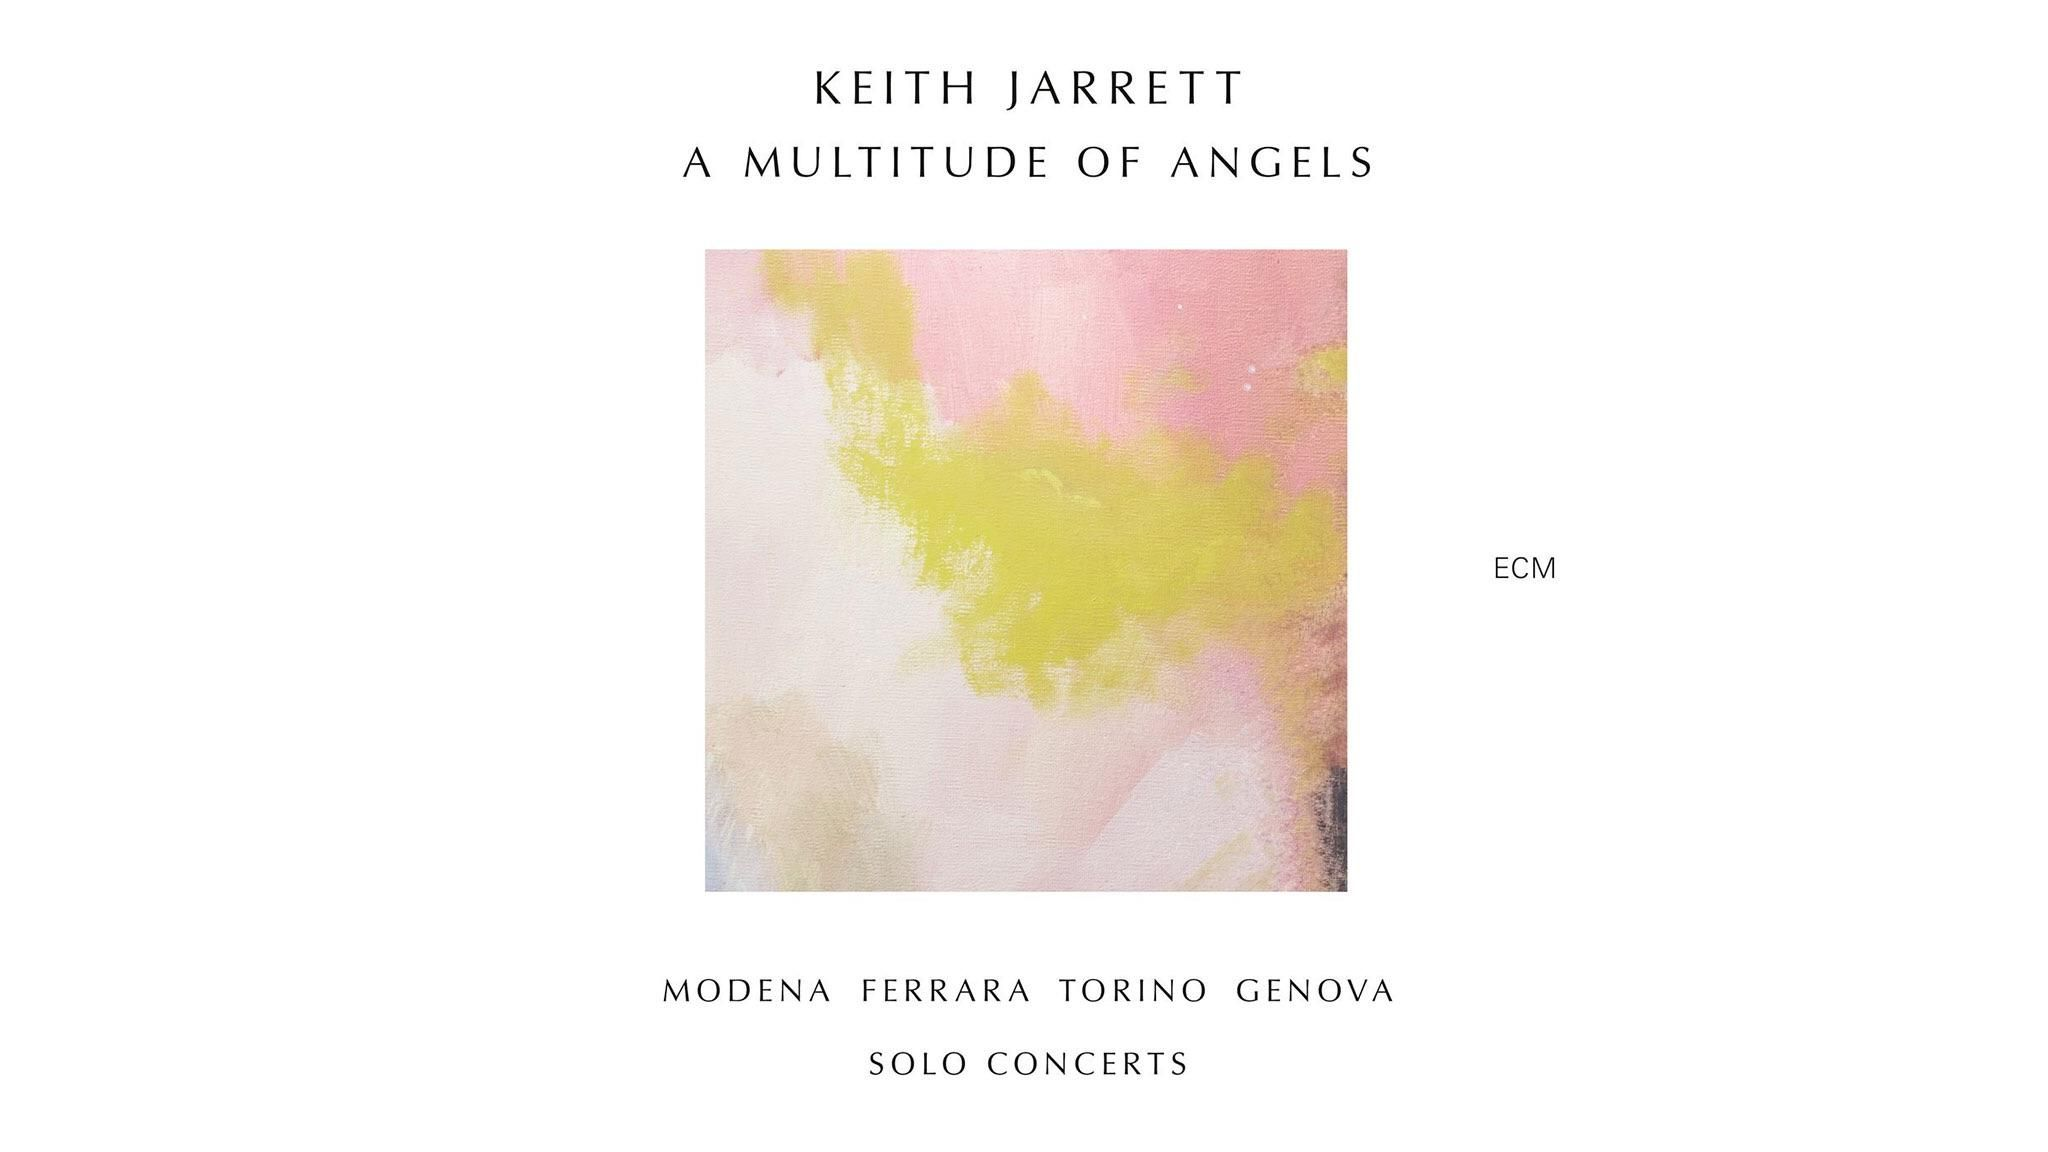 Keith jarretta multitude of angels album art cover art art music